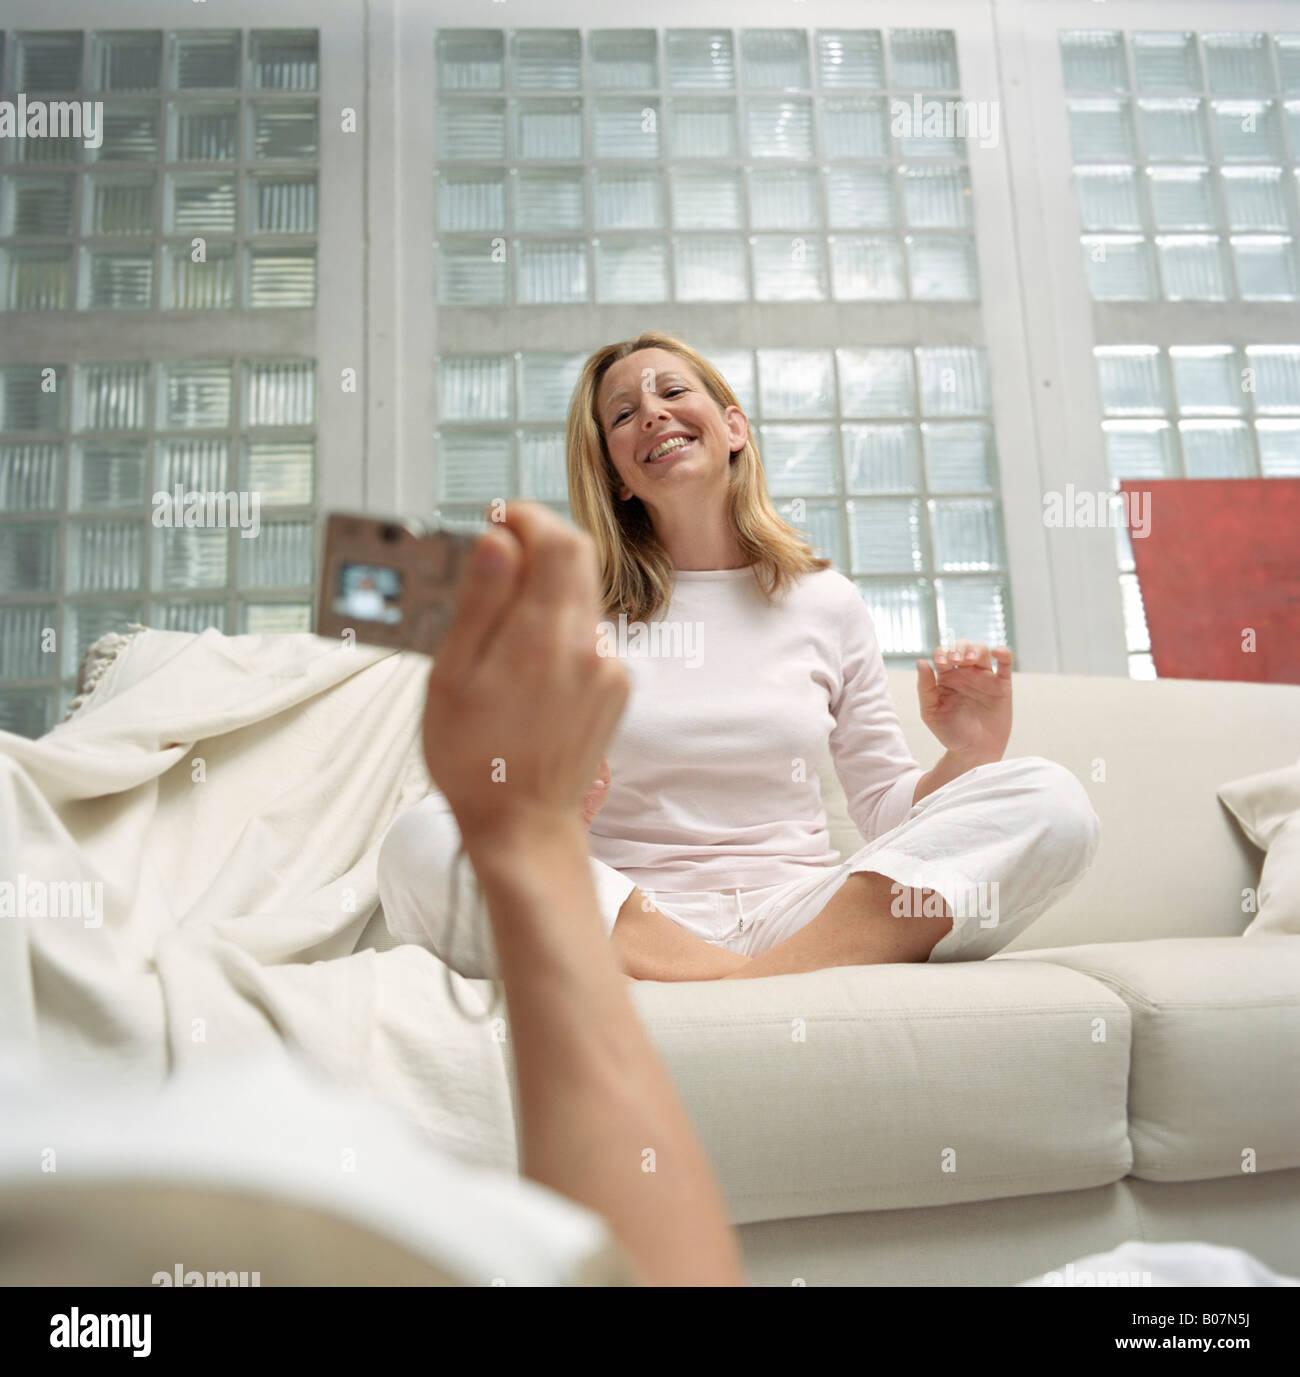 una tomar Diversión Ocio fotografía un rubia mujer de una Salón Hombre pijama en qSvRIdwq